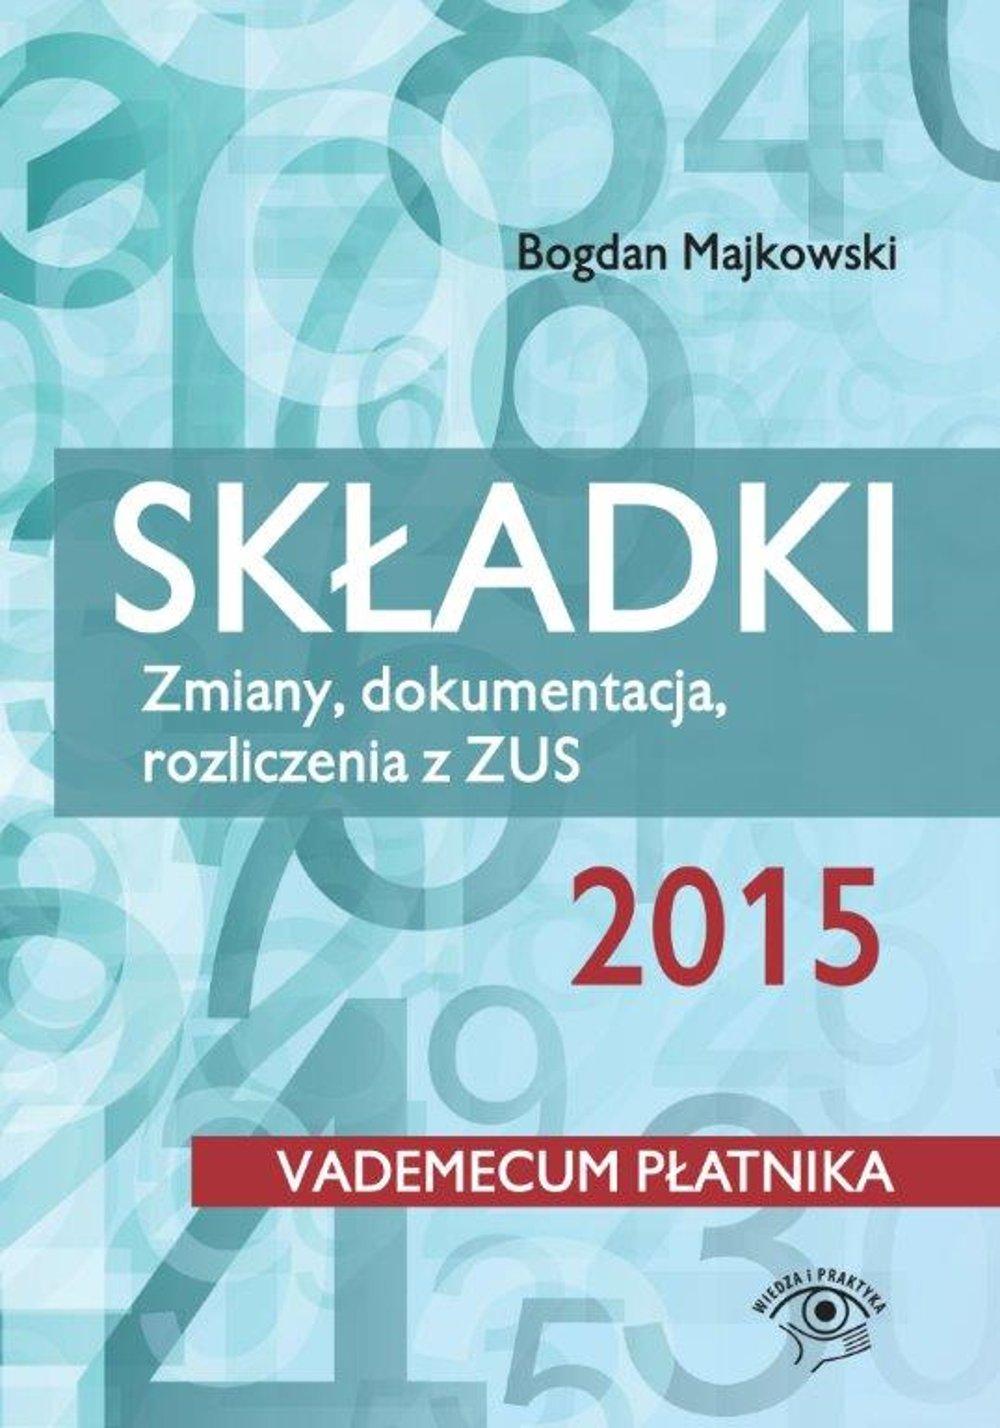 Składki 2015. Zmiany, dokumentacja, rozliczenia z ZUS - Ebook (Książka PDF) do pobrania w formacie PDF